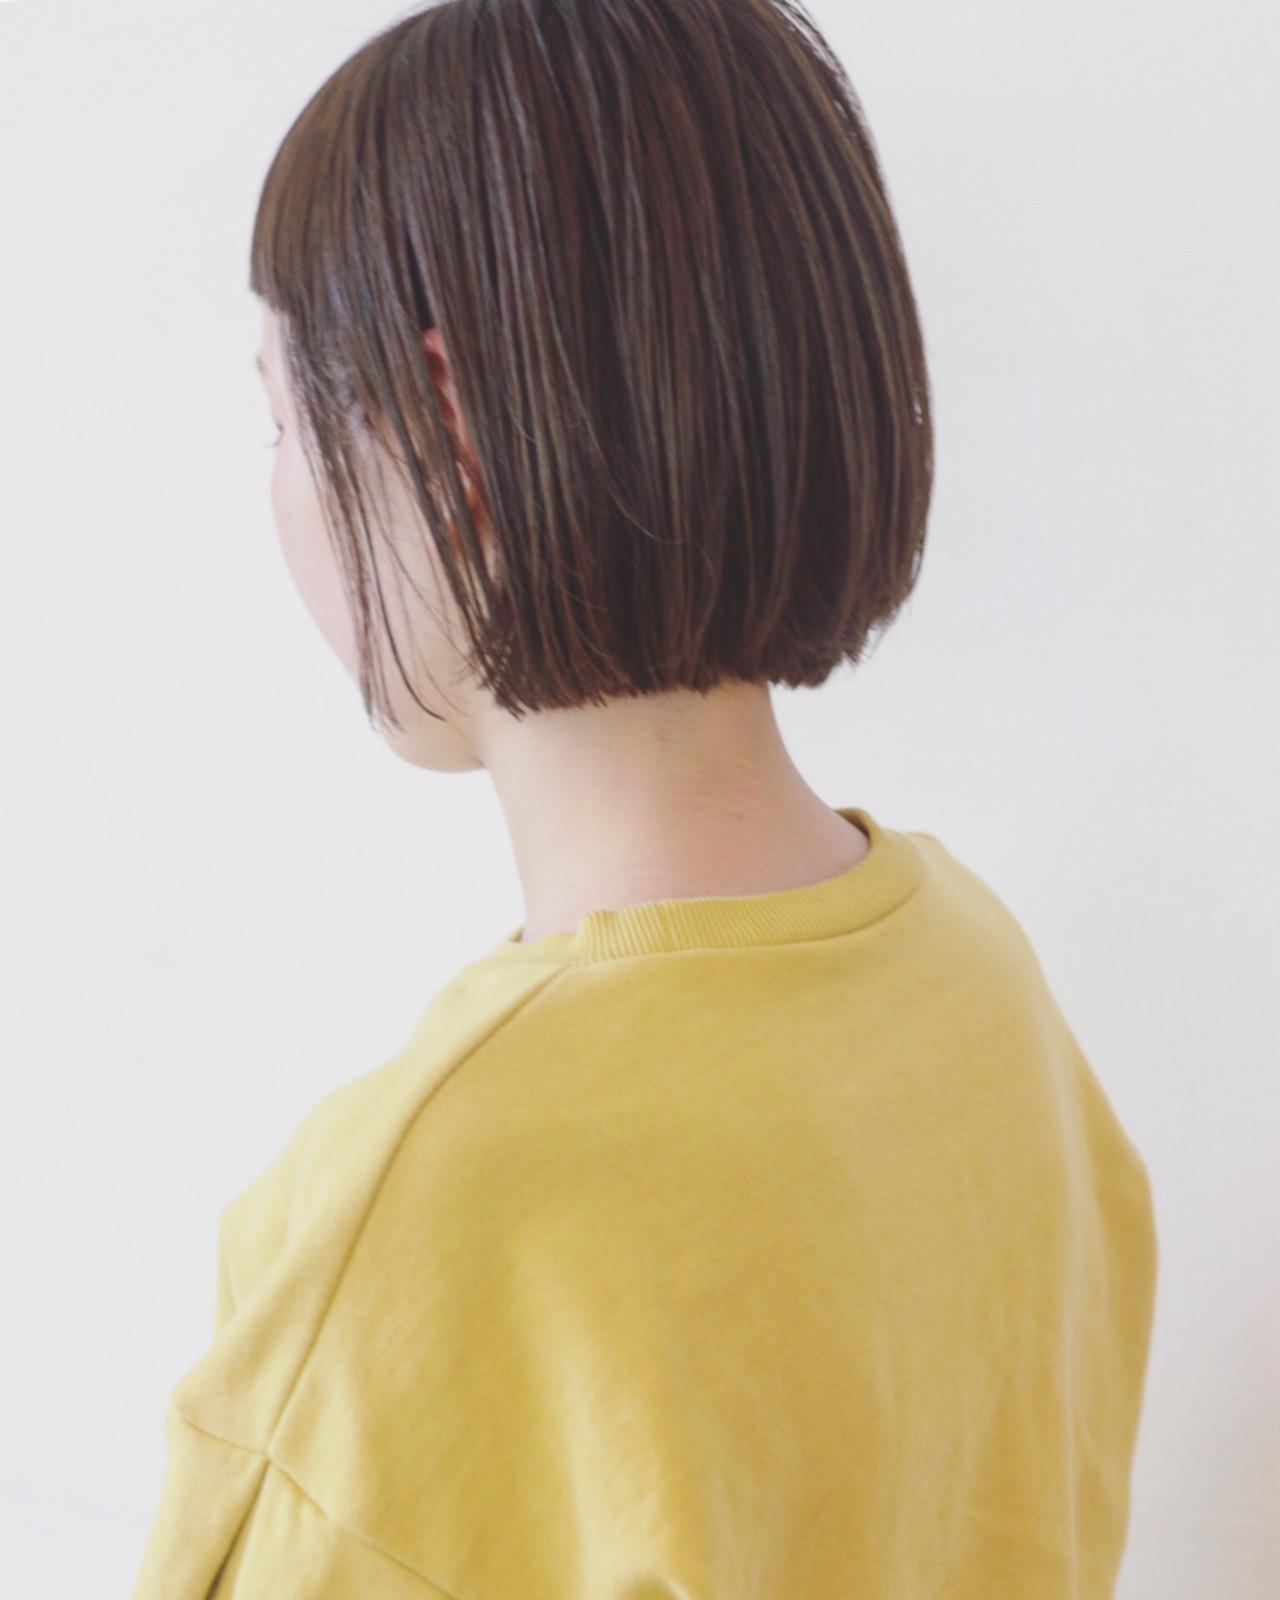 少女のような色気を出すならシンプルなヘアスタイルに 三好 佳奈美